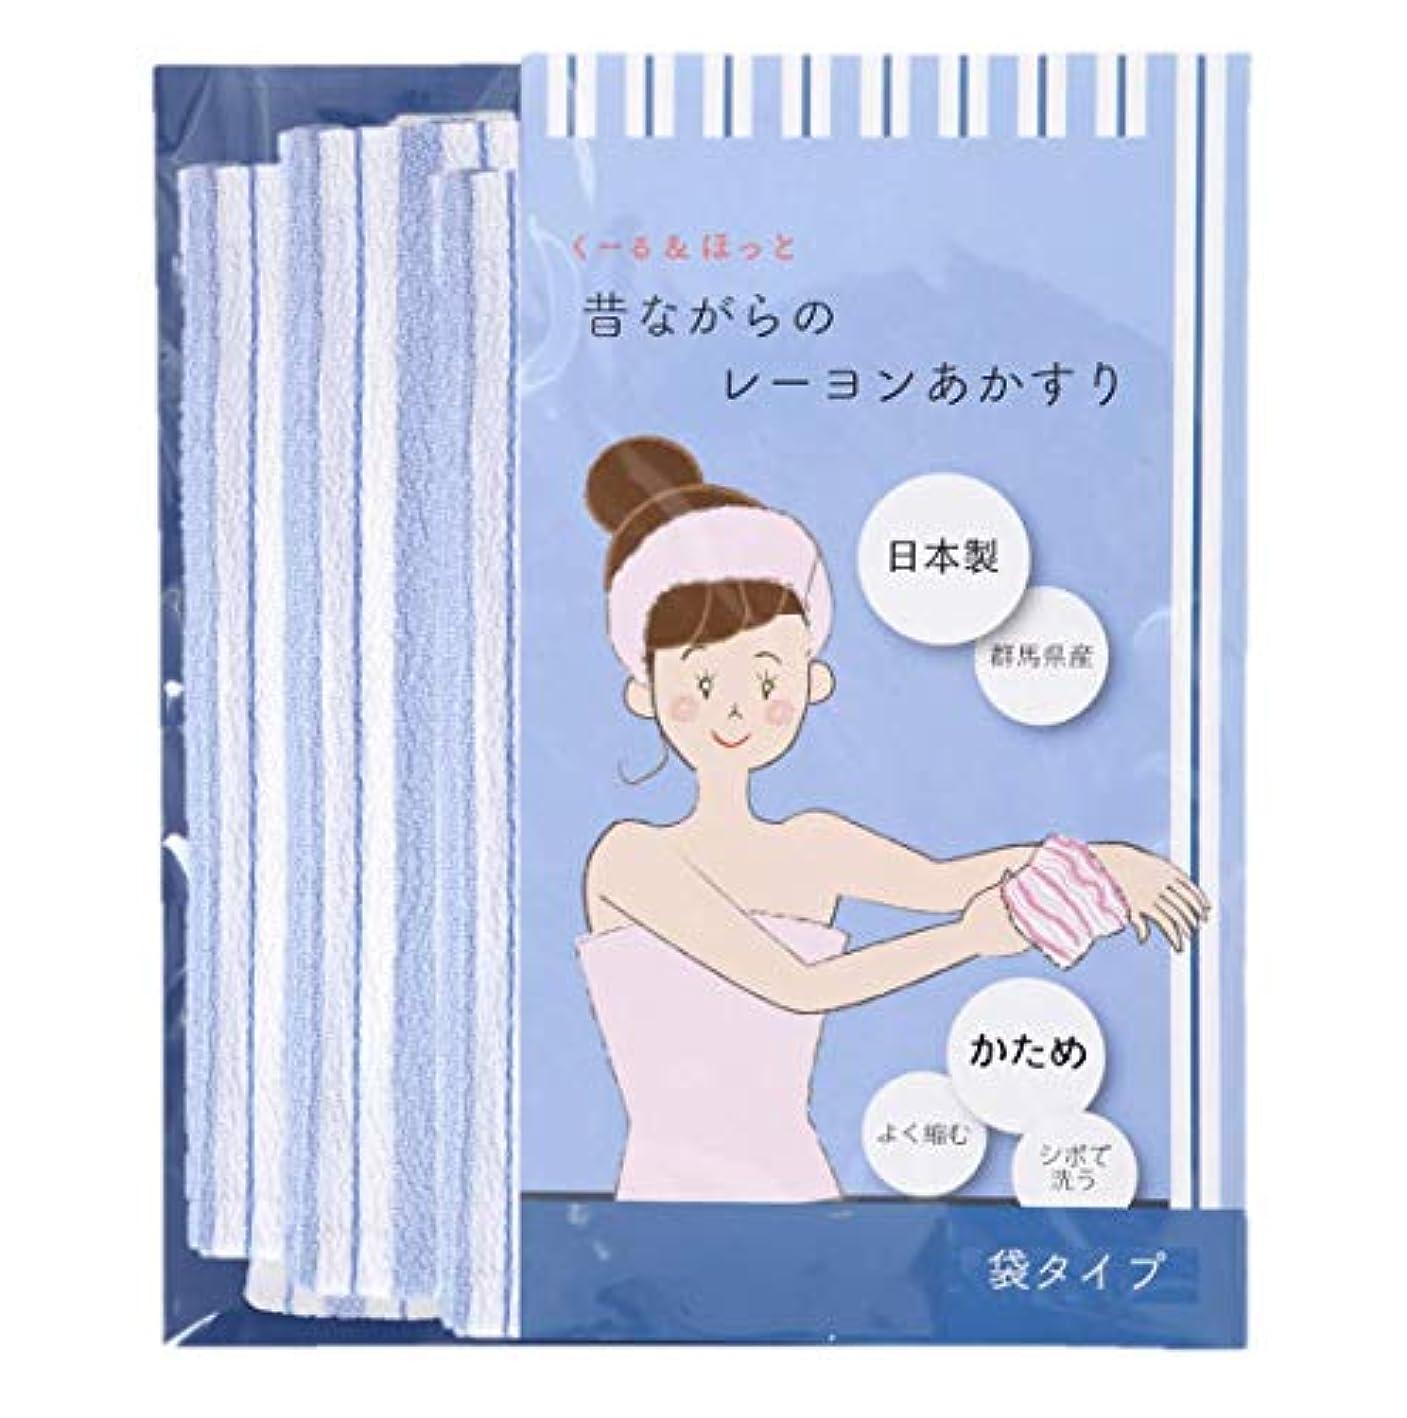 シネマ香水同行するくーる&ほっと 昔ながらのレーヨンあかすり 日本製(群馬県で製造) 袋タイプ (10枚組(ブルー))